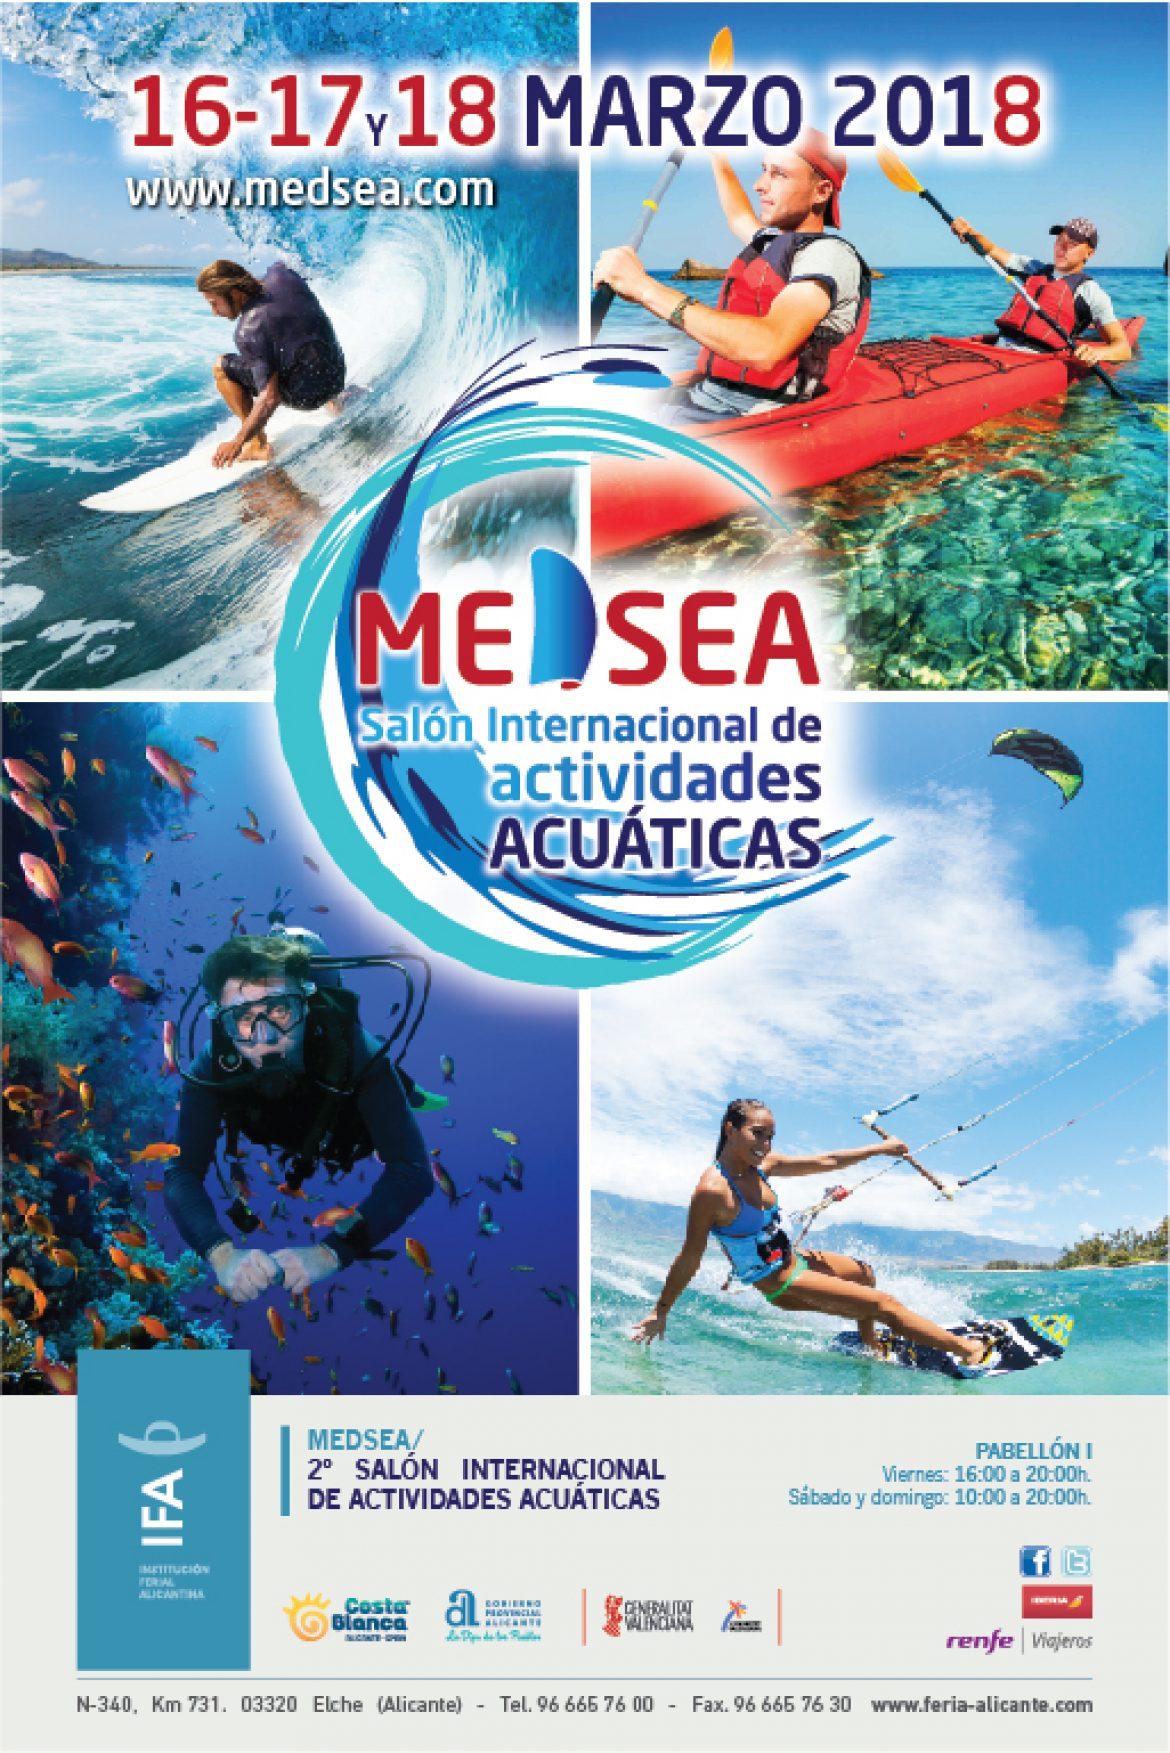 (512x768) - ANUNCIOS AQUA - MEDSEA 2018-01